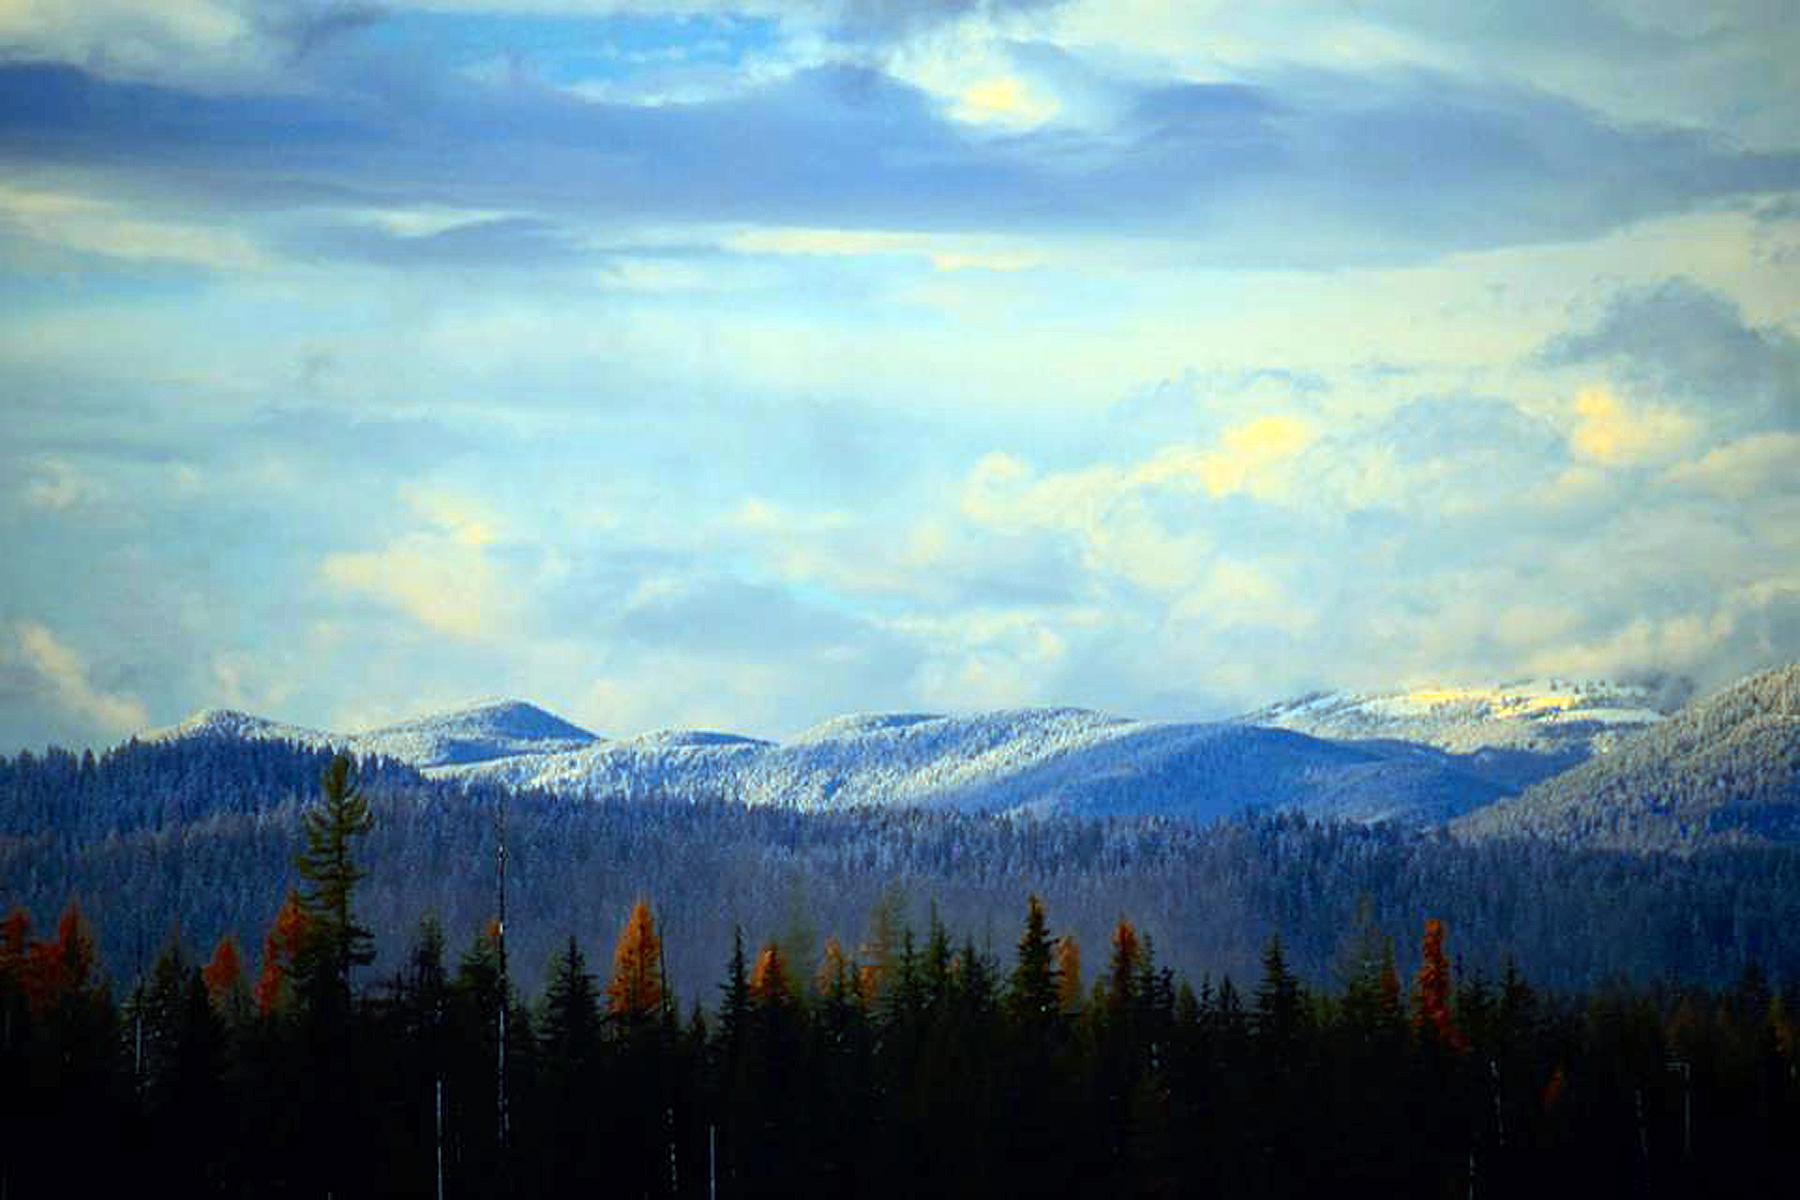 Terreno por un Venta en BUSHWOOD ESTATES Lot 4 22 Bushwood Dr Coolin, Idaho, 83821 Estados Unidos